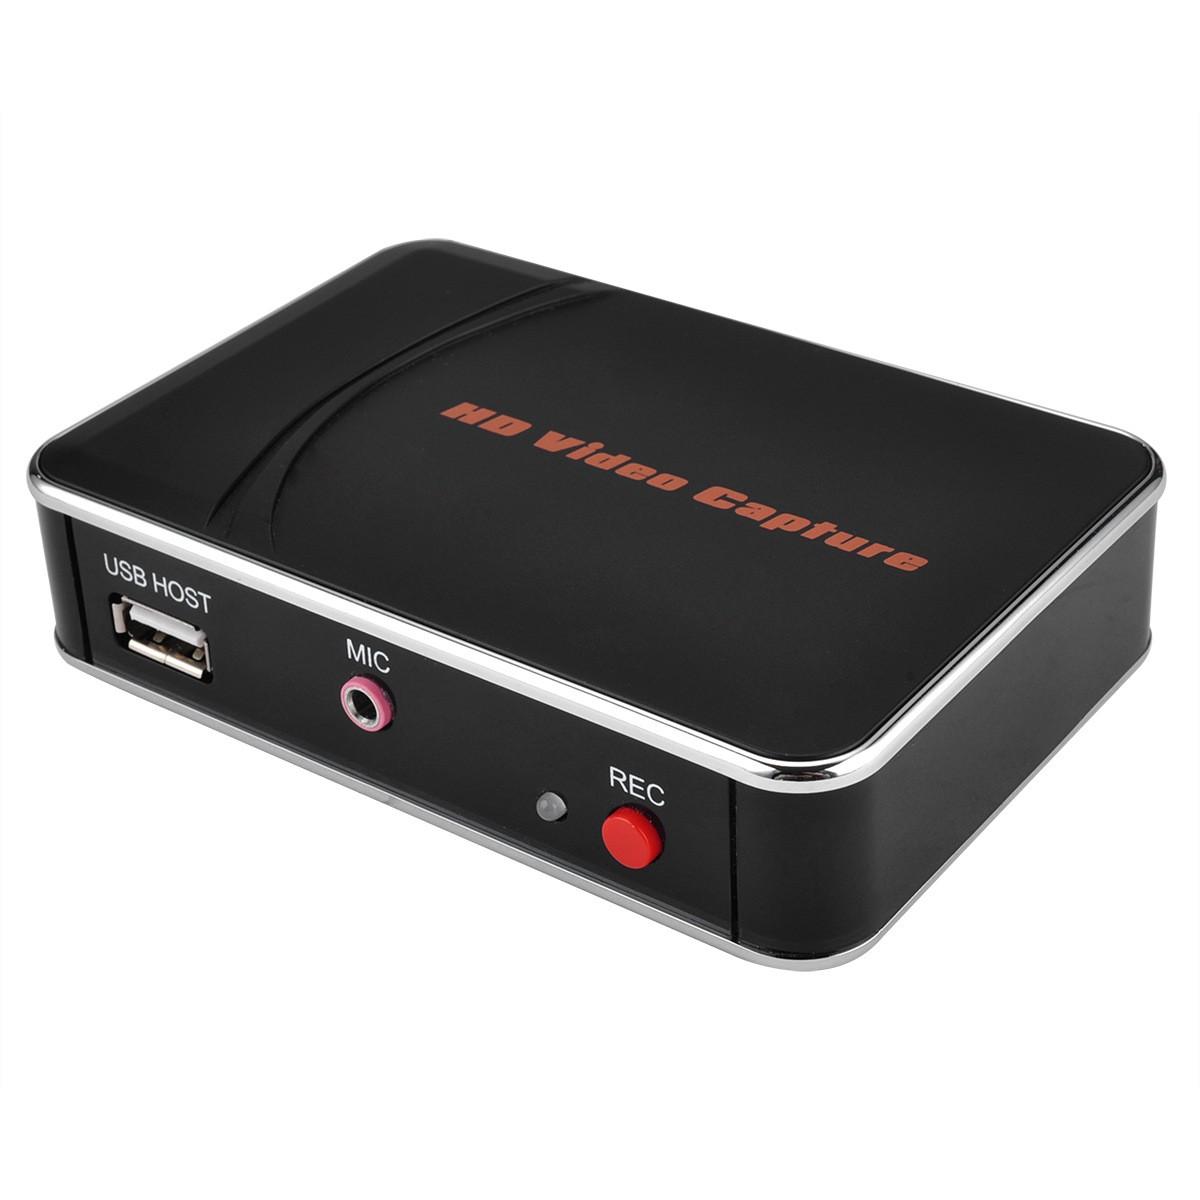 Карта видеозахвата Ezcap280HB для PS4/3 Xbox One/360 – HDMI, 1080р видео, микрофон